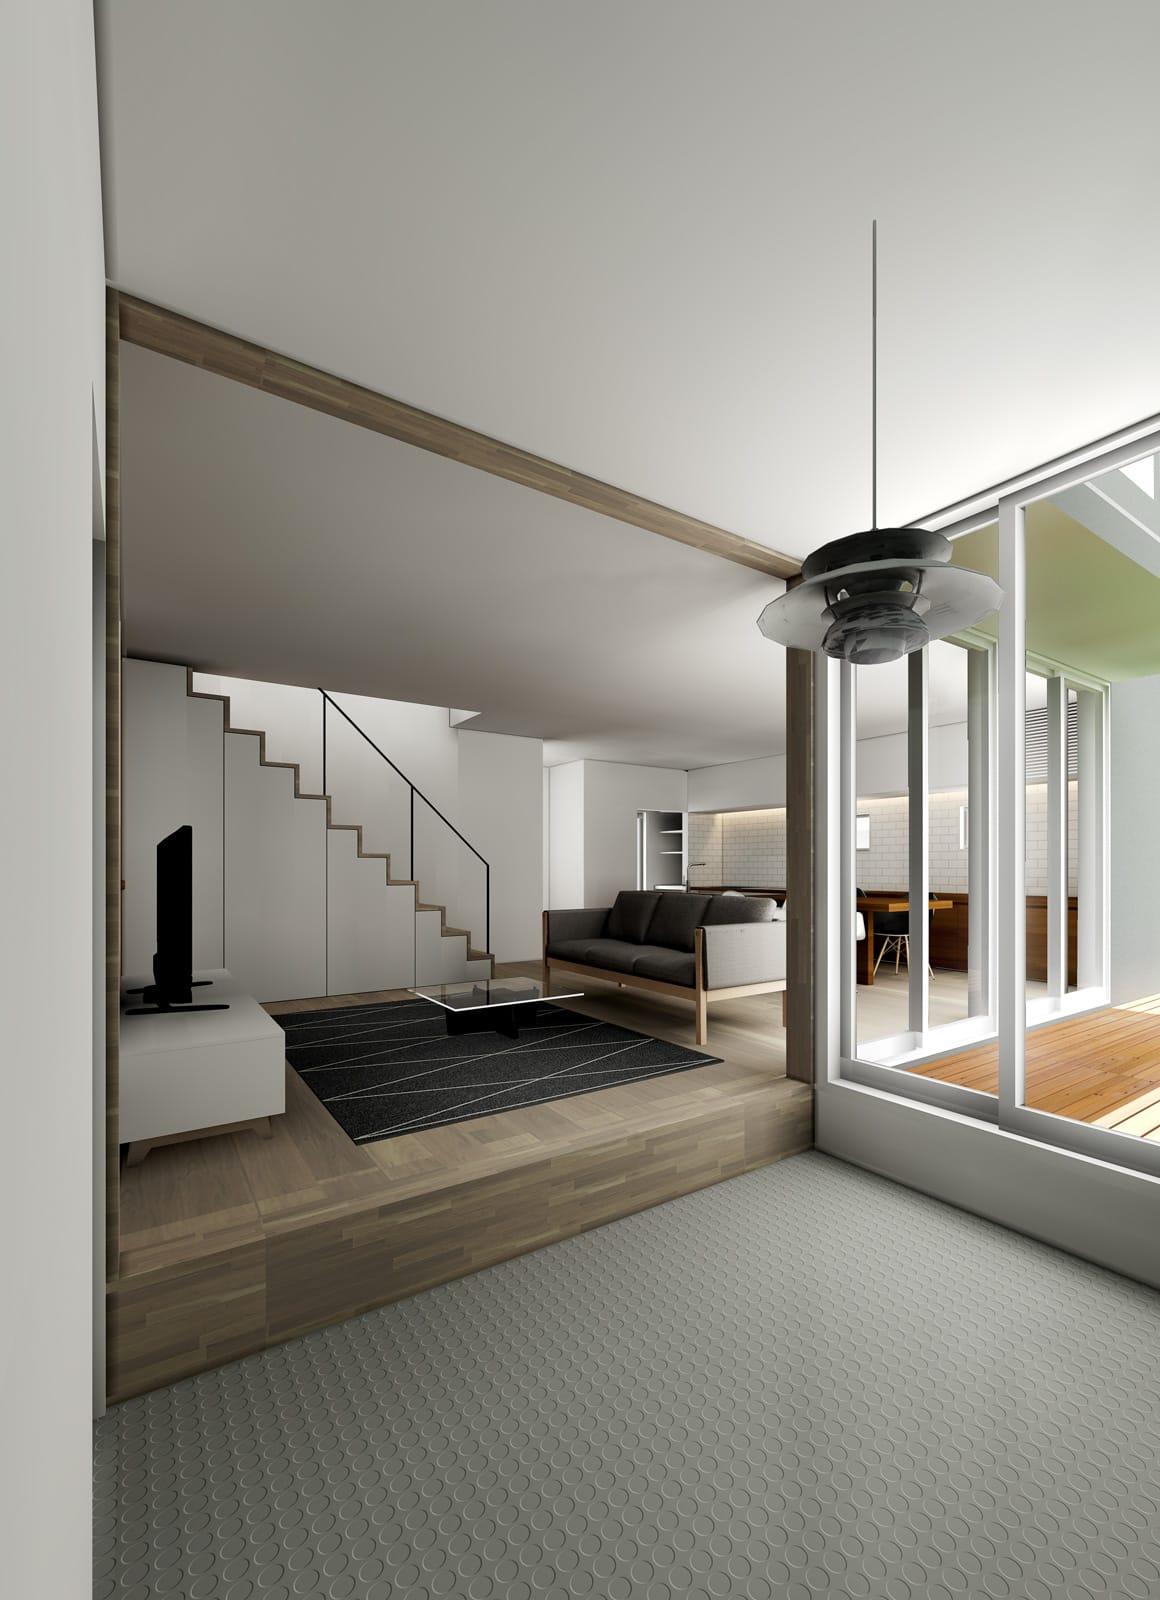 ヌーディストテラスハウスのcg6 - l.d.homes®のインテリア例 - シンプル